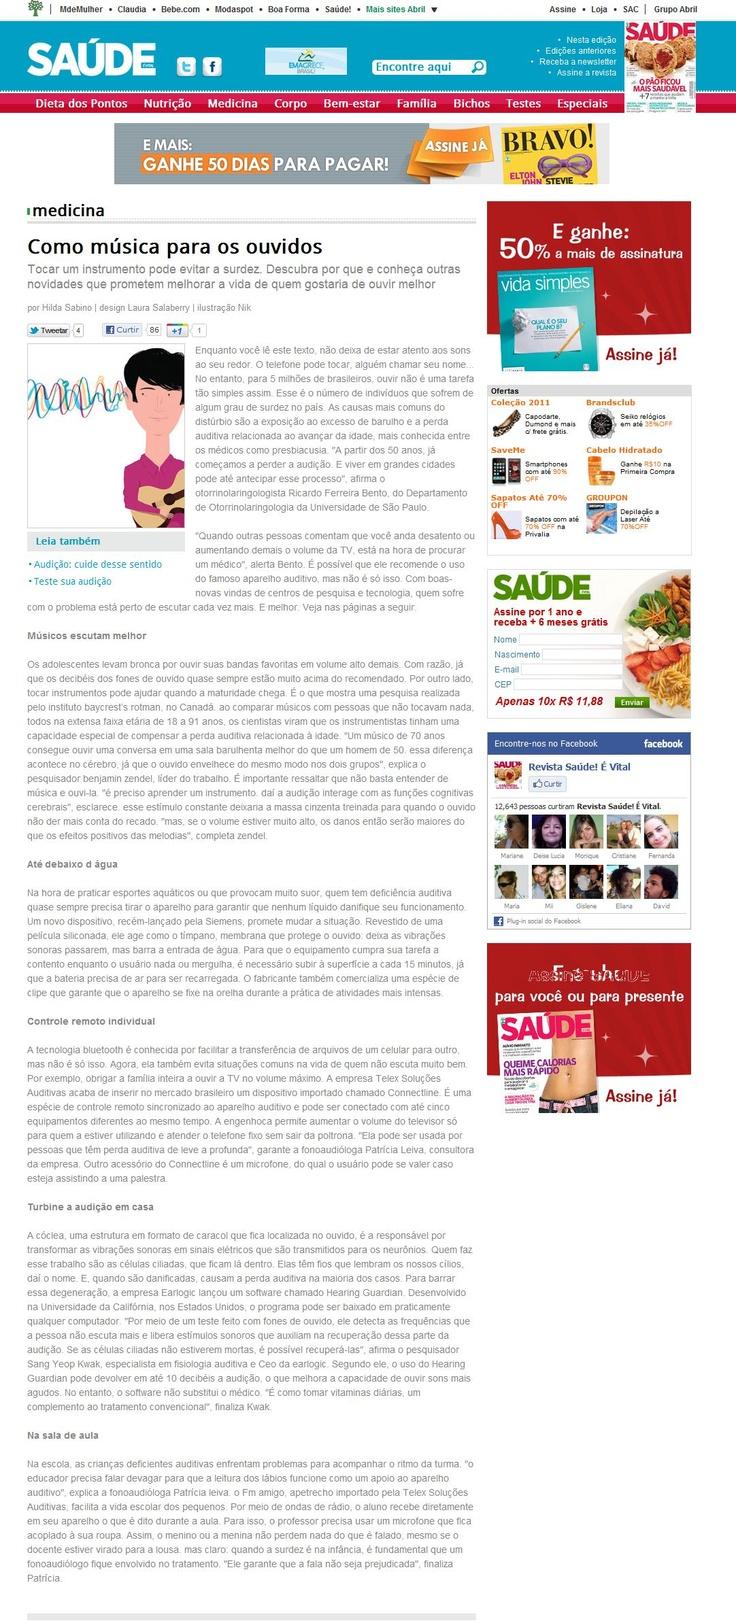 BioSom na revista #saúde da #editora #Abril